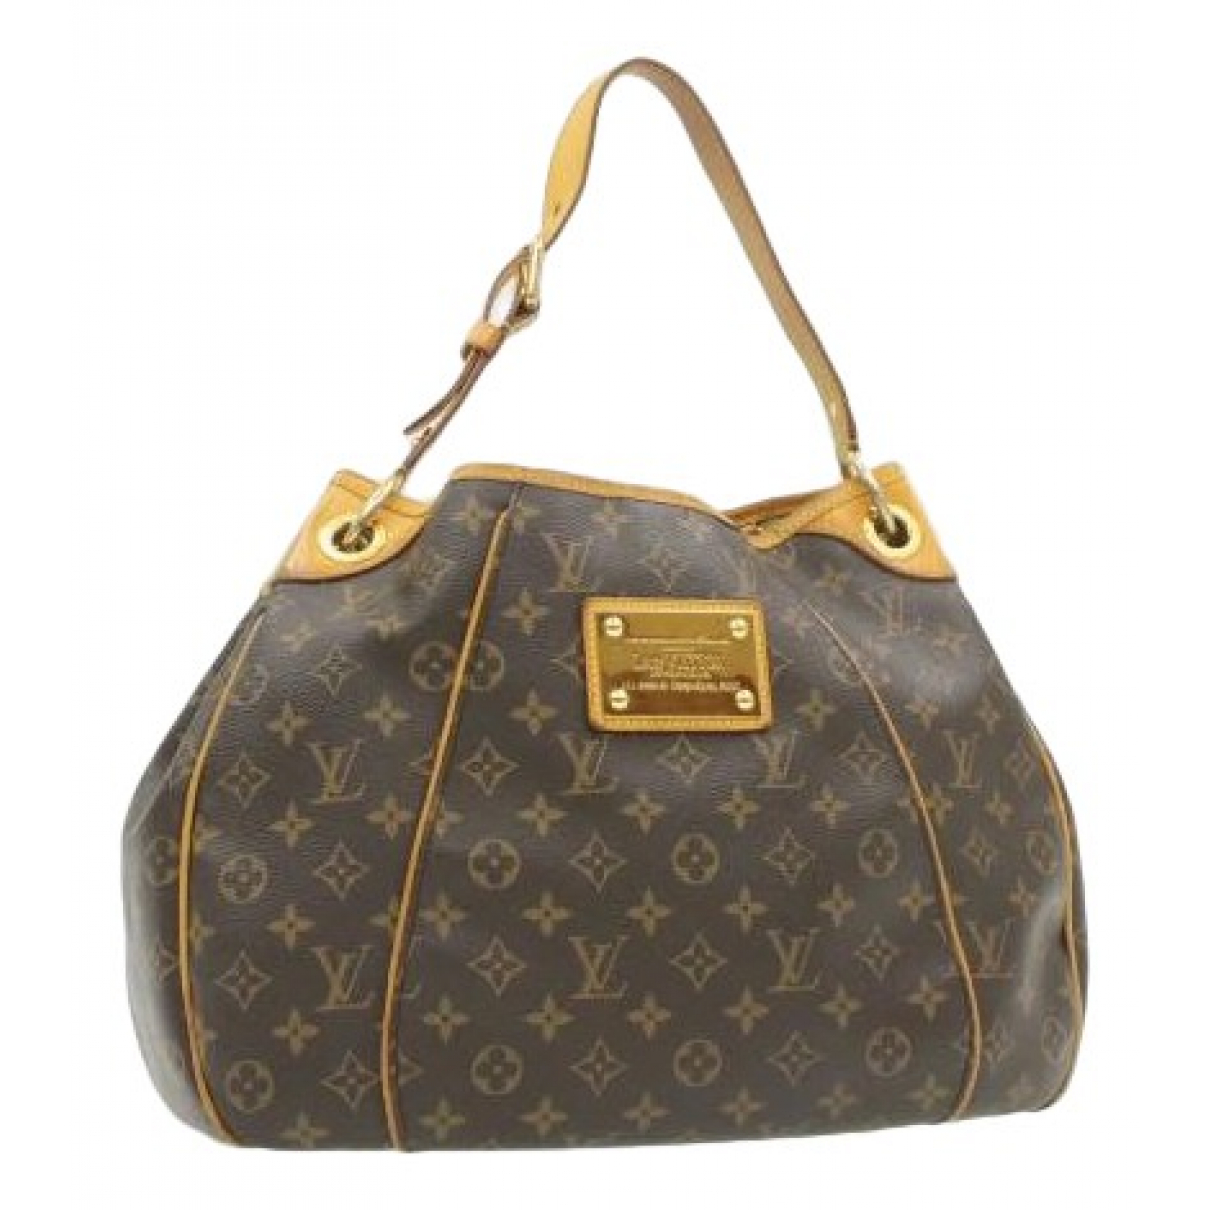 Louis Vuitton Galliera Handtasche in  Braun Leinen